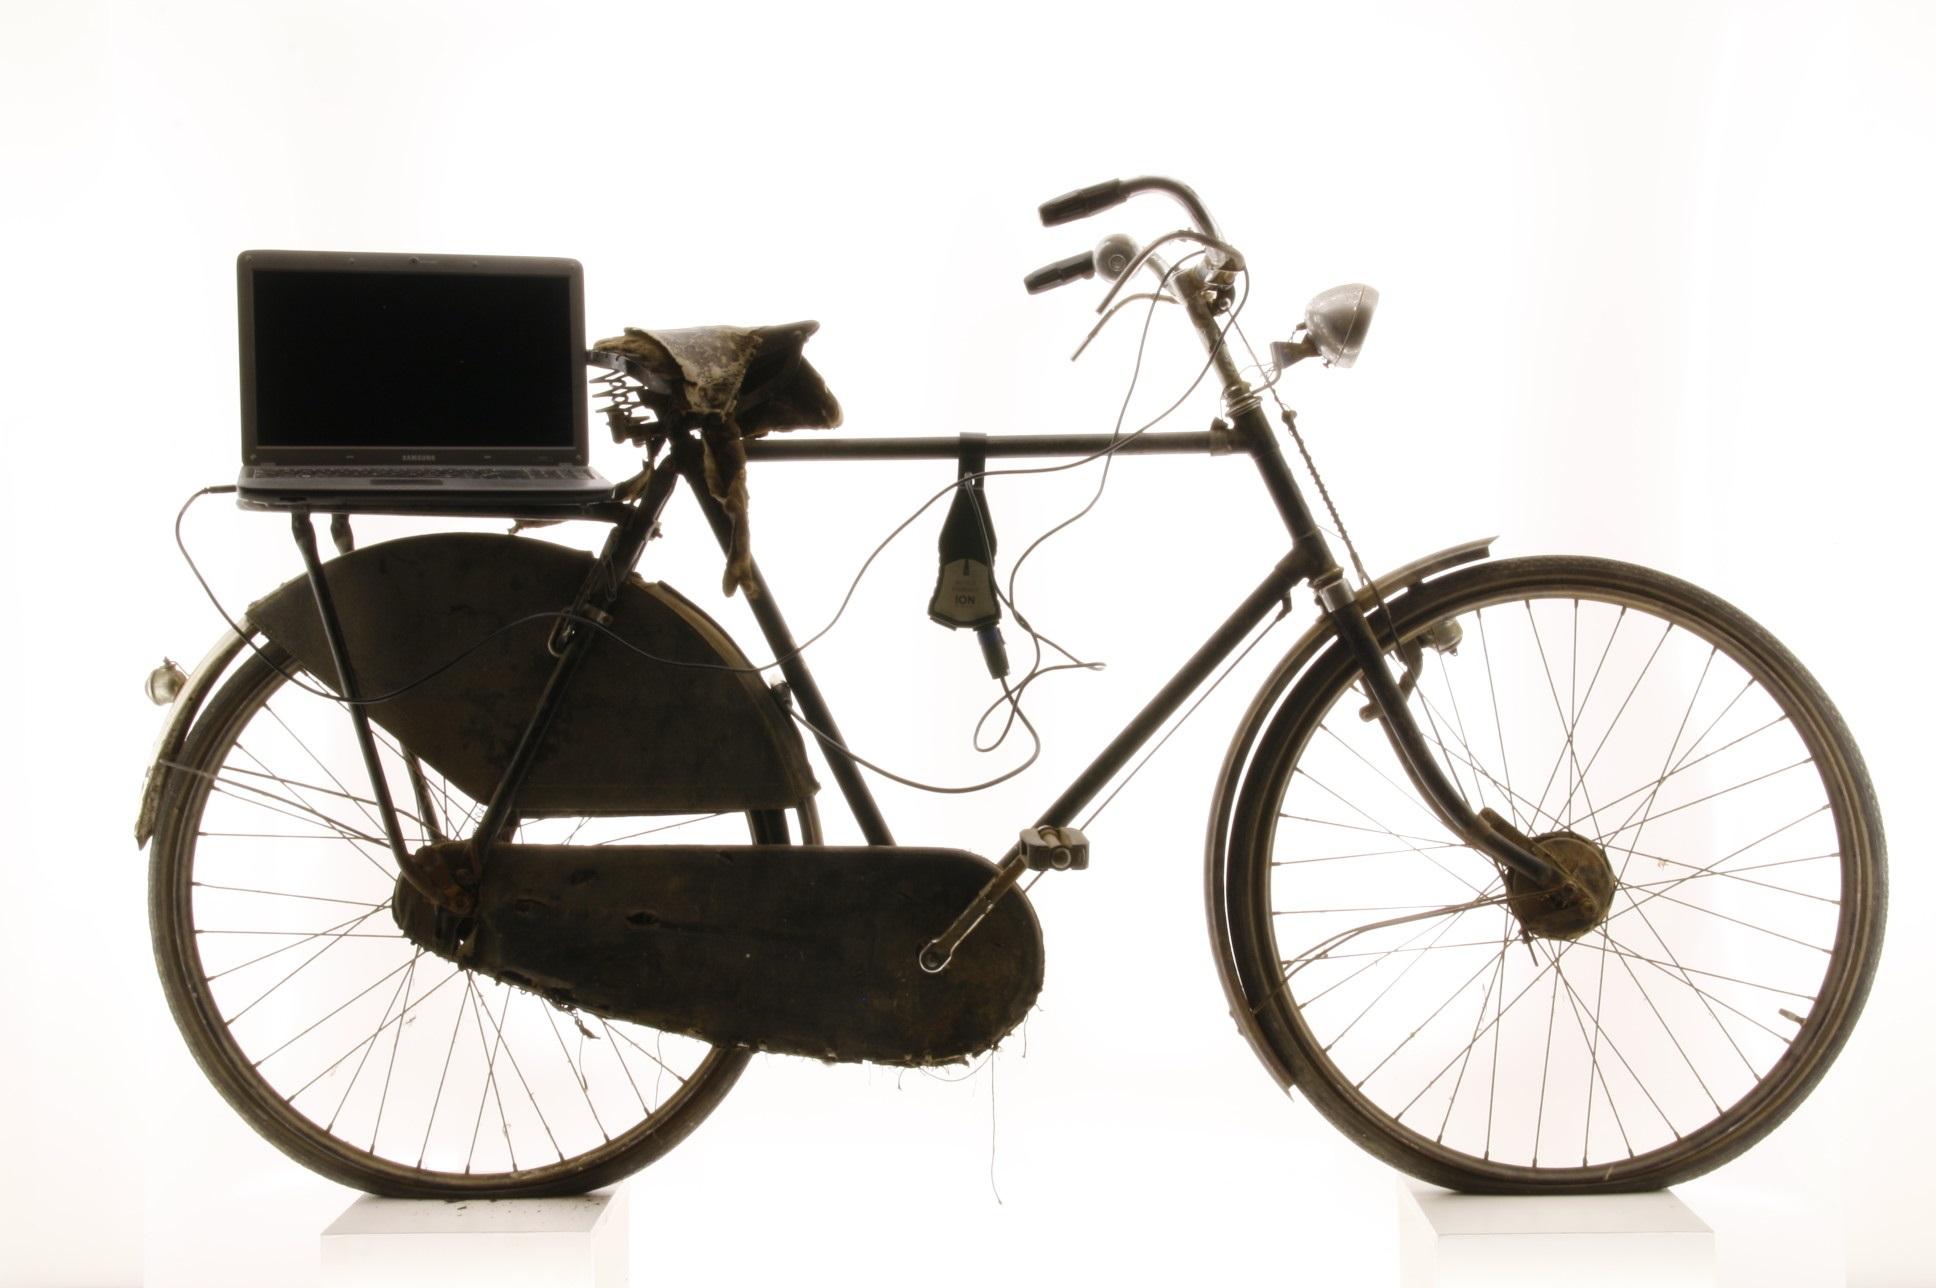 Geeft de elektrische fiets aan dat hij een update of een beurt nodig heeft? Wereldfietsen Zwolle doet uw update.